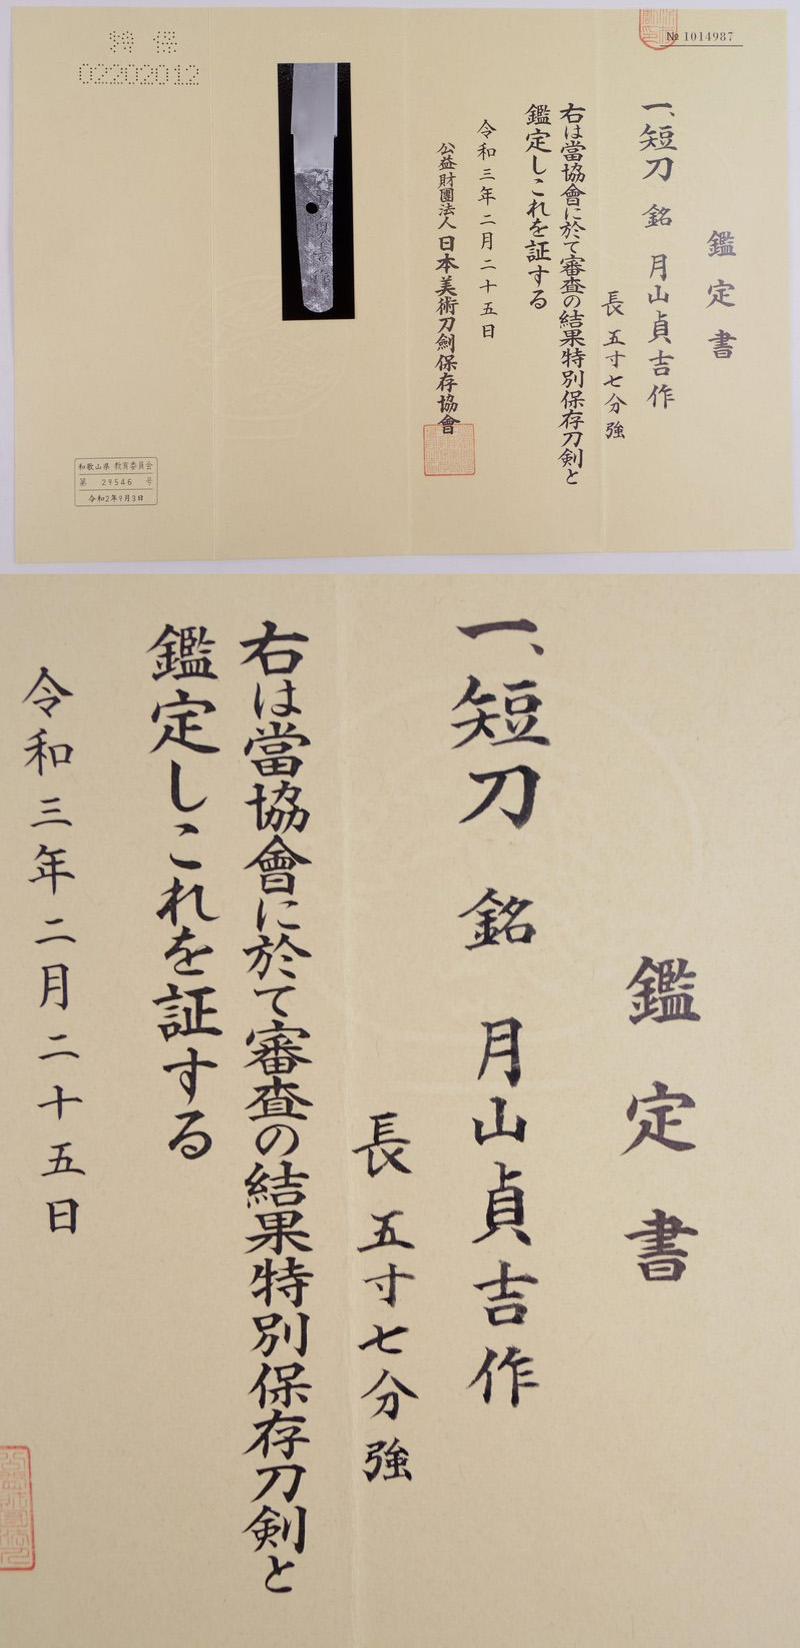 短刀 月山貞吉作 (新々刀上作) Picture of Certificate